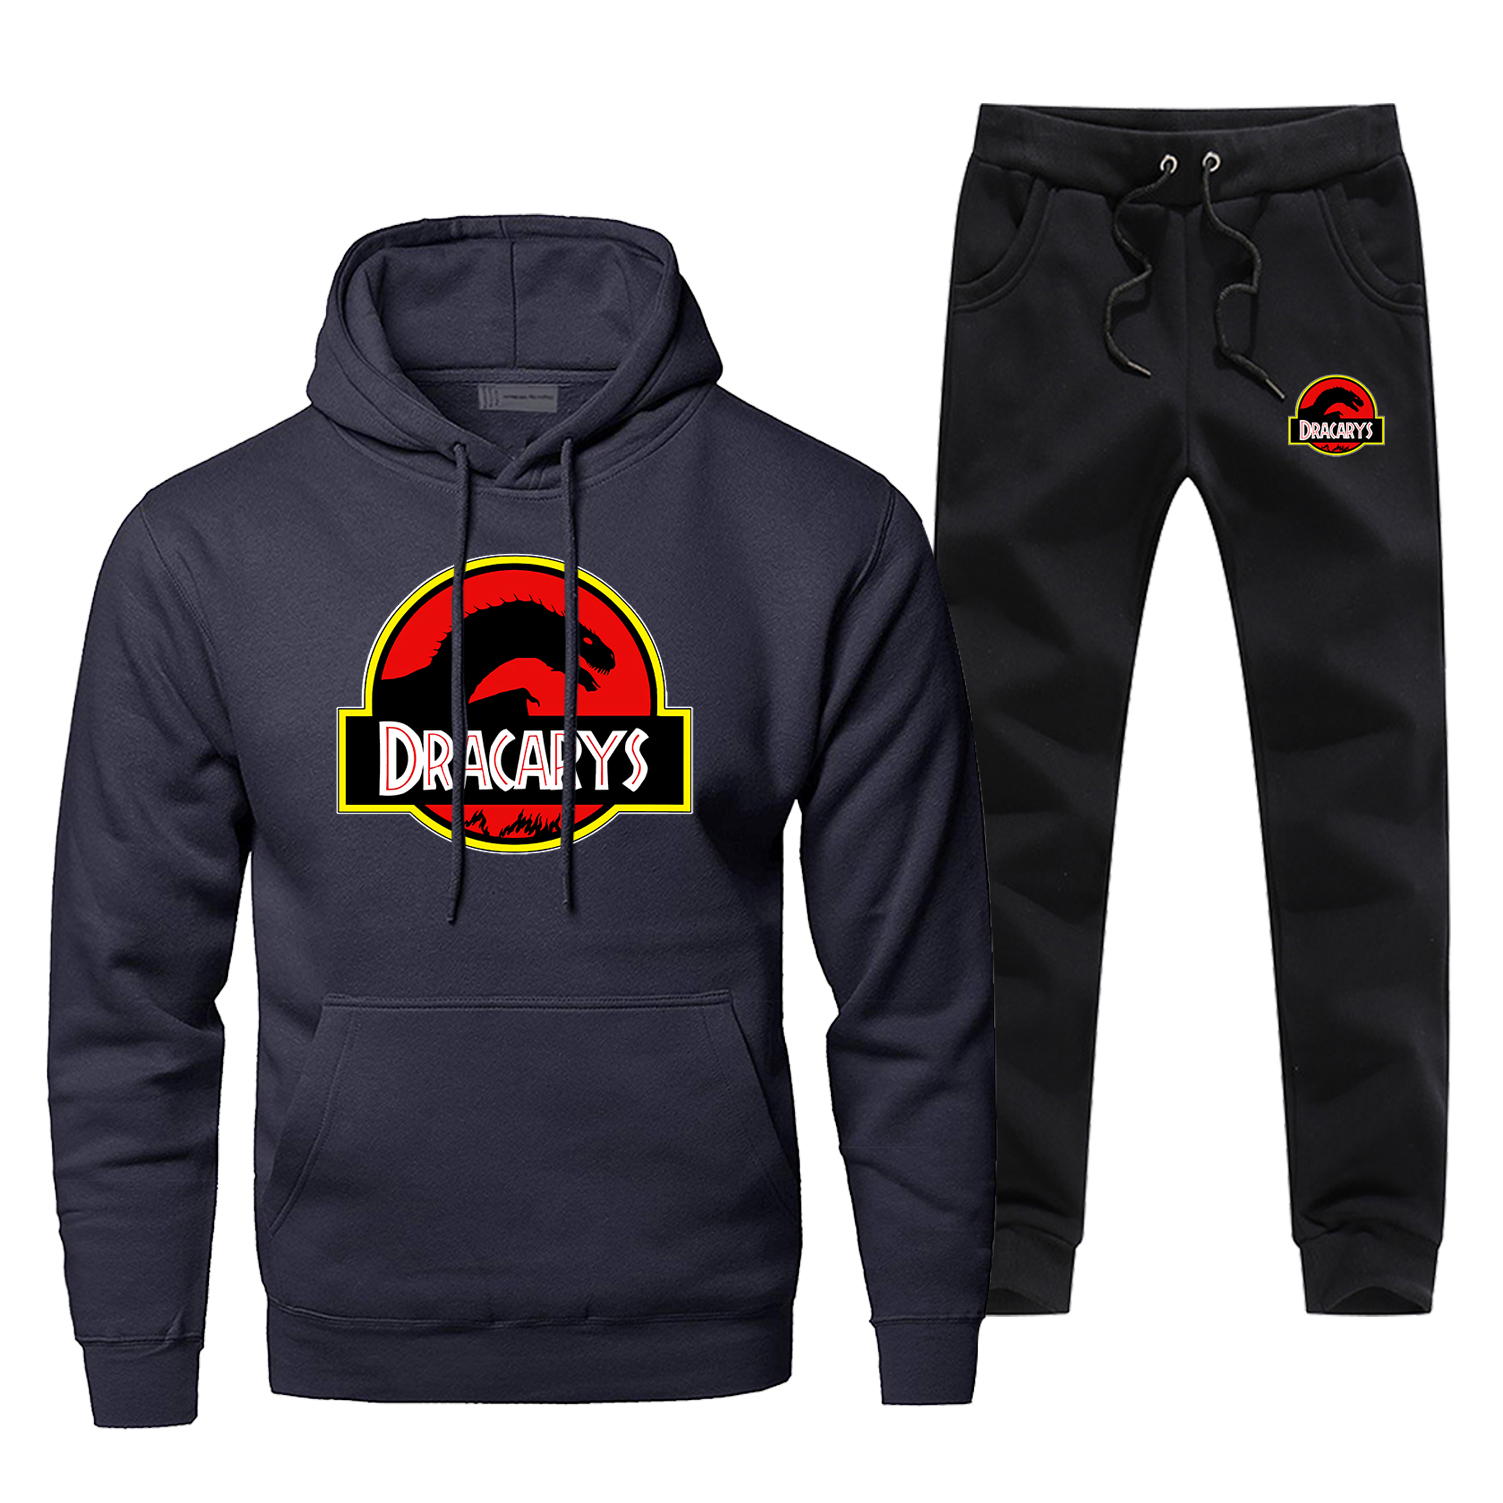 Game Of Thrones Dracarys Sweatshirt Hoodie Men Harajuku Vintage Hoodies+pants Sets Mens Casual Fleece Sportswear Sweatpants